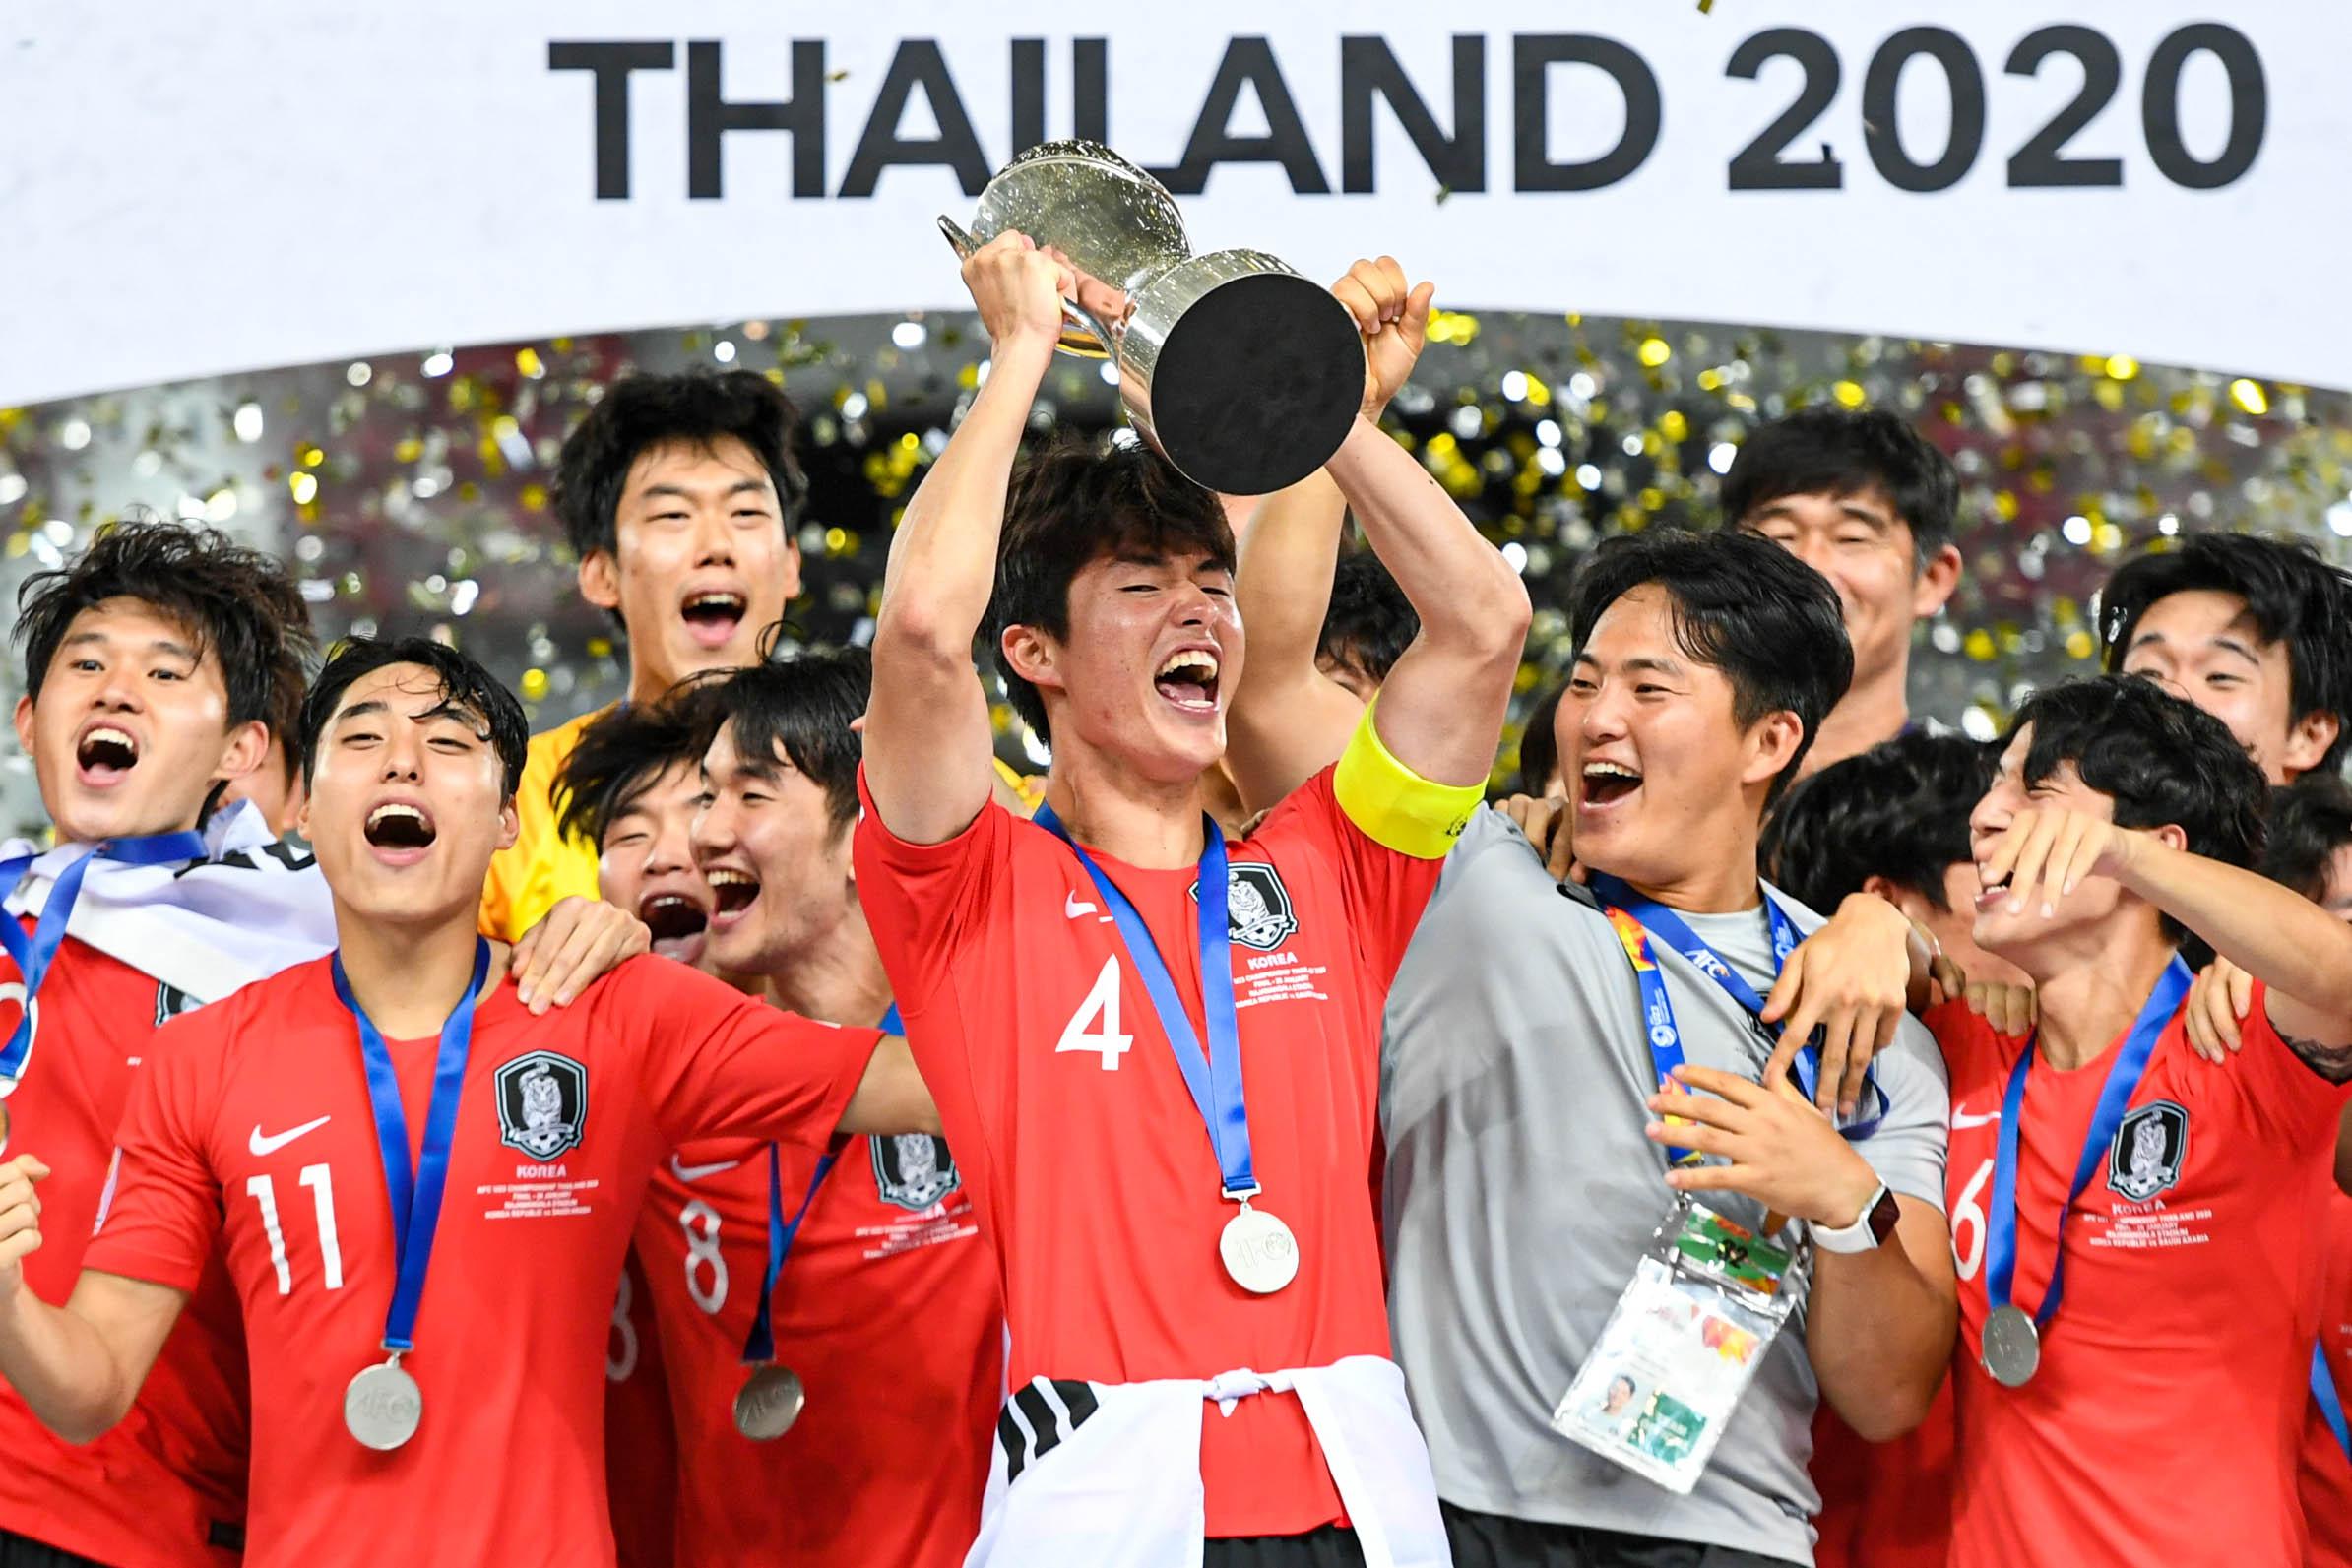 เกาหลีใต้ เอเอฟซียู23ชิงแชมป์เอเชีย2020